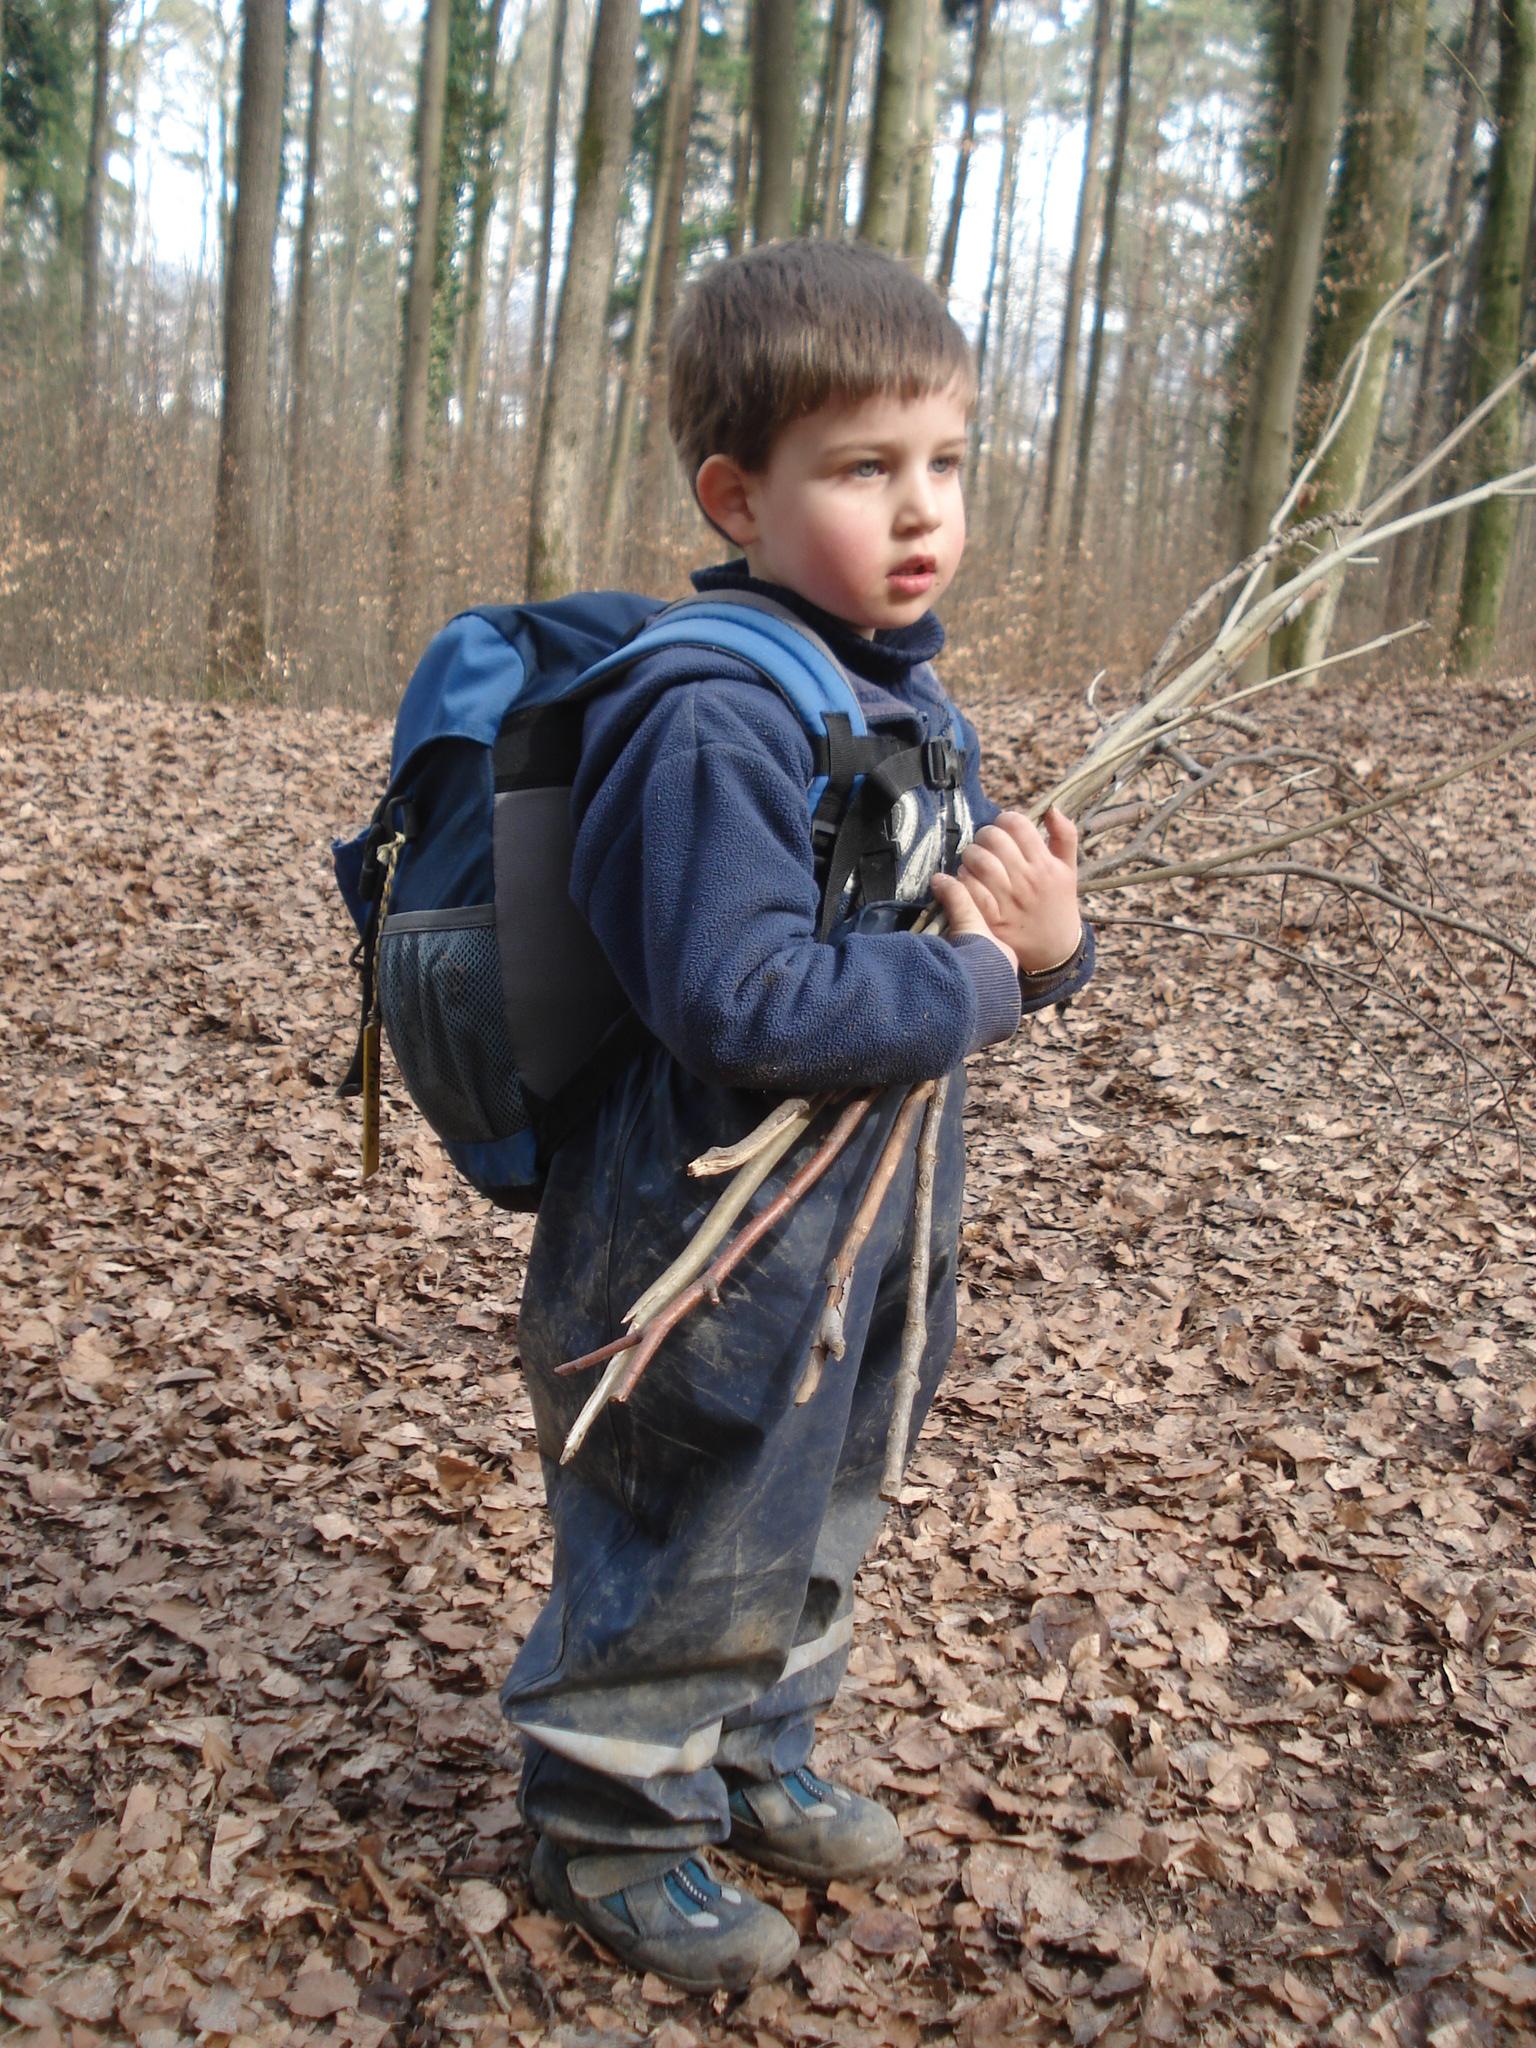 Kinder sollen im Wald mit ganz elementarem Spielmaterial wie Steine, Stöcke, Zapfen, Blätter oder Wasser spielen